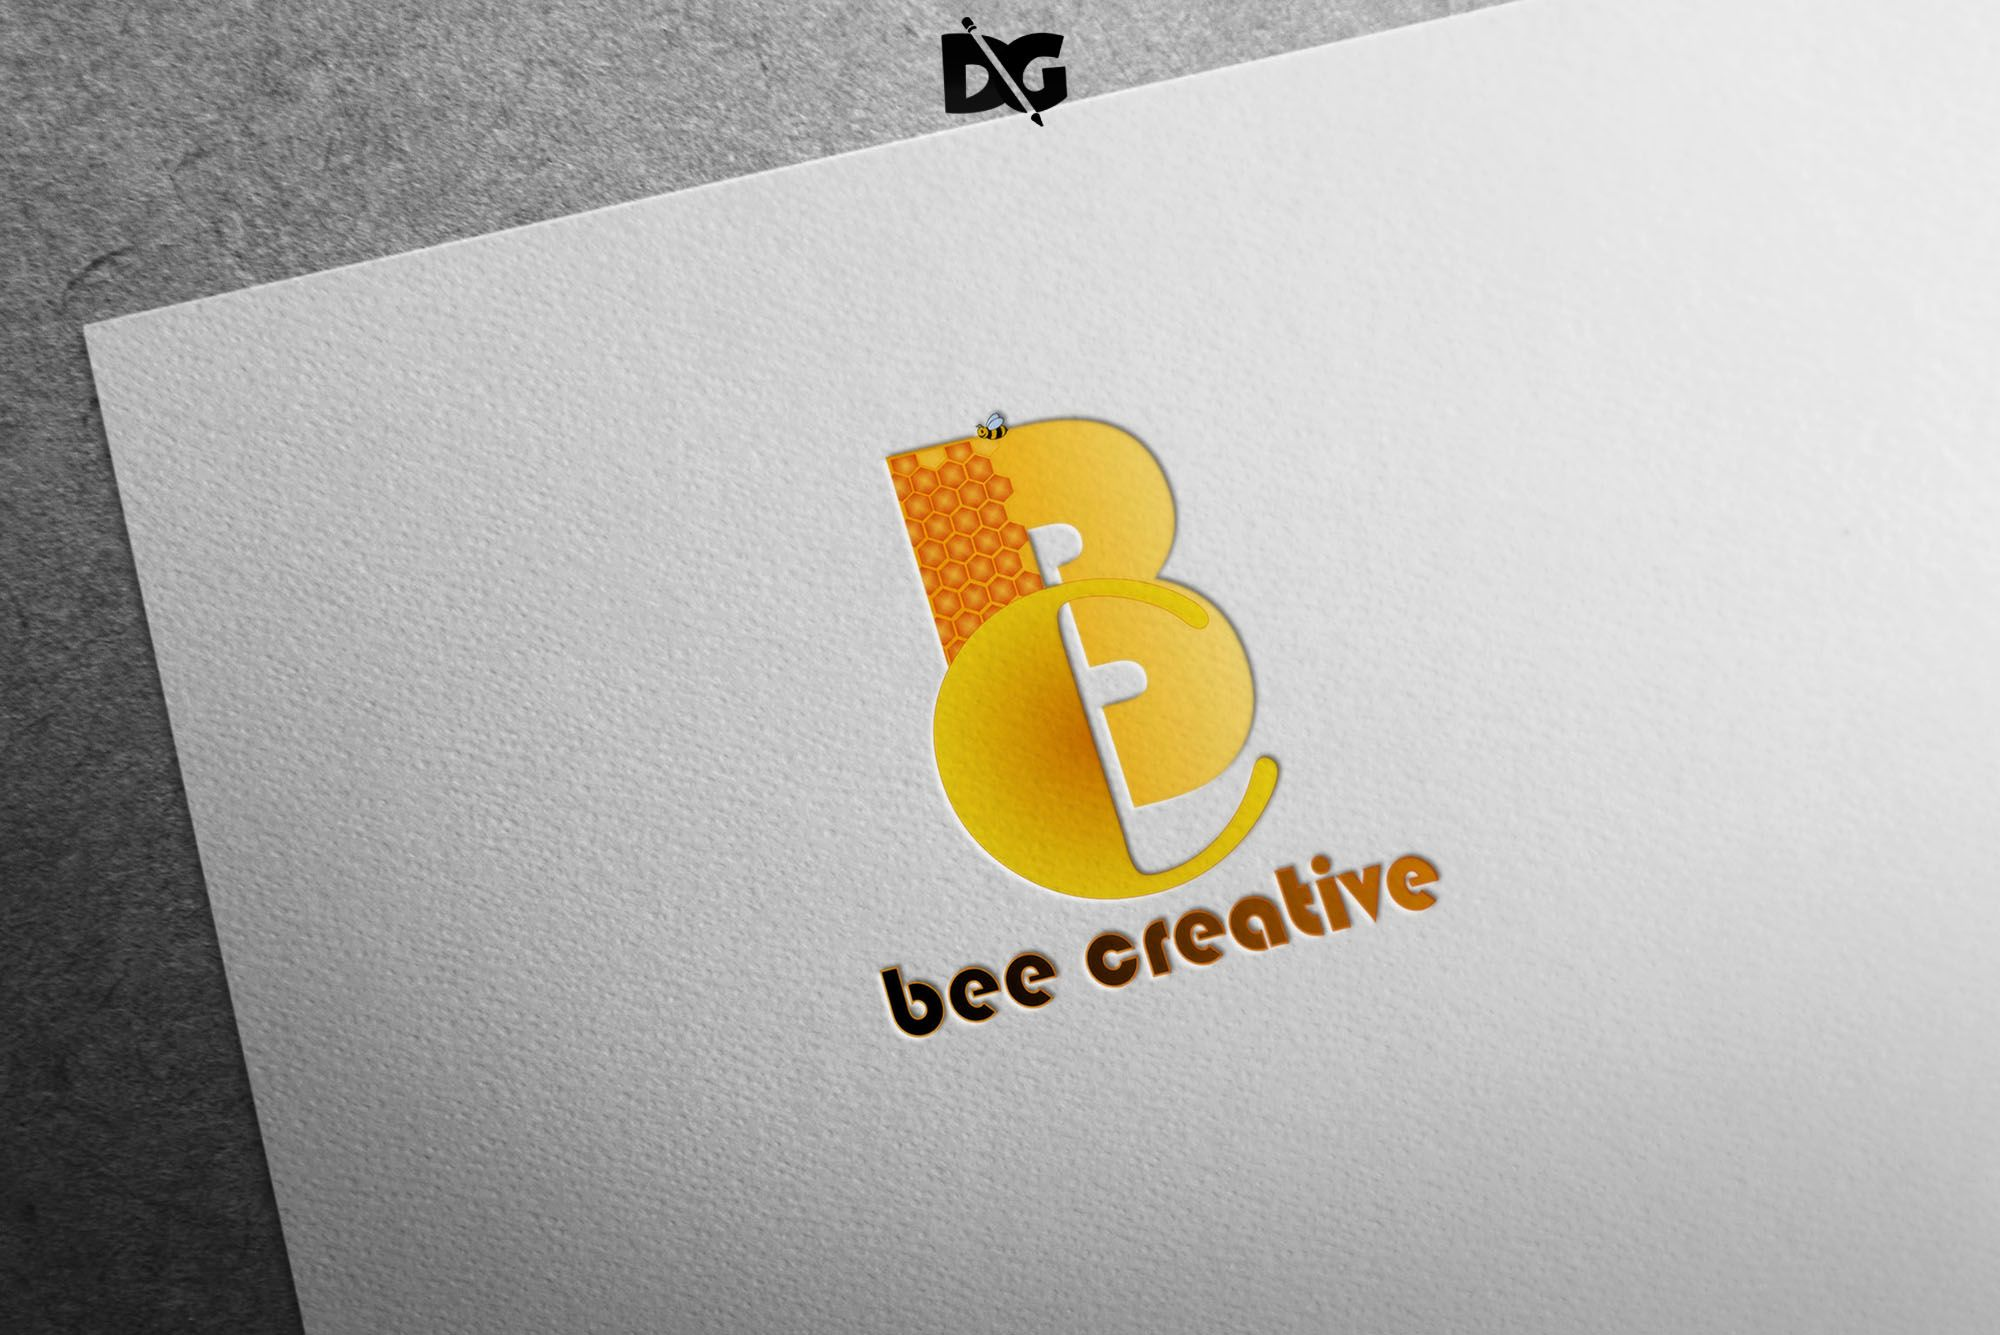 Free Download Awesome Logo Mockups Free logo mockup